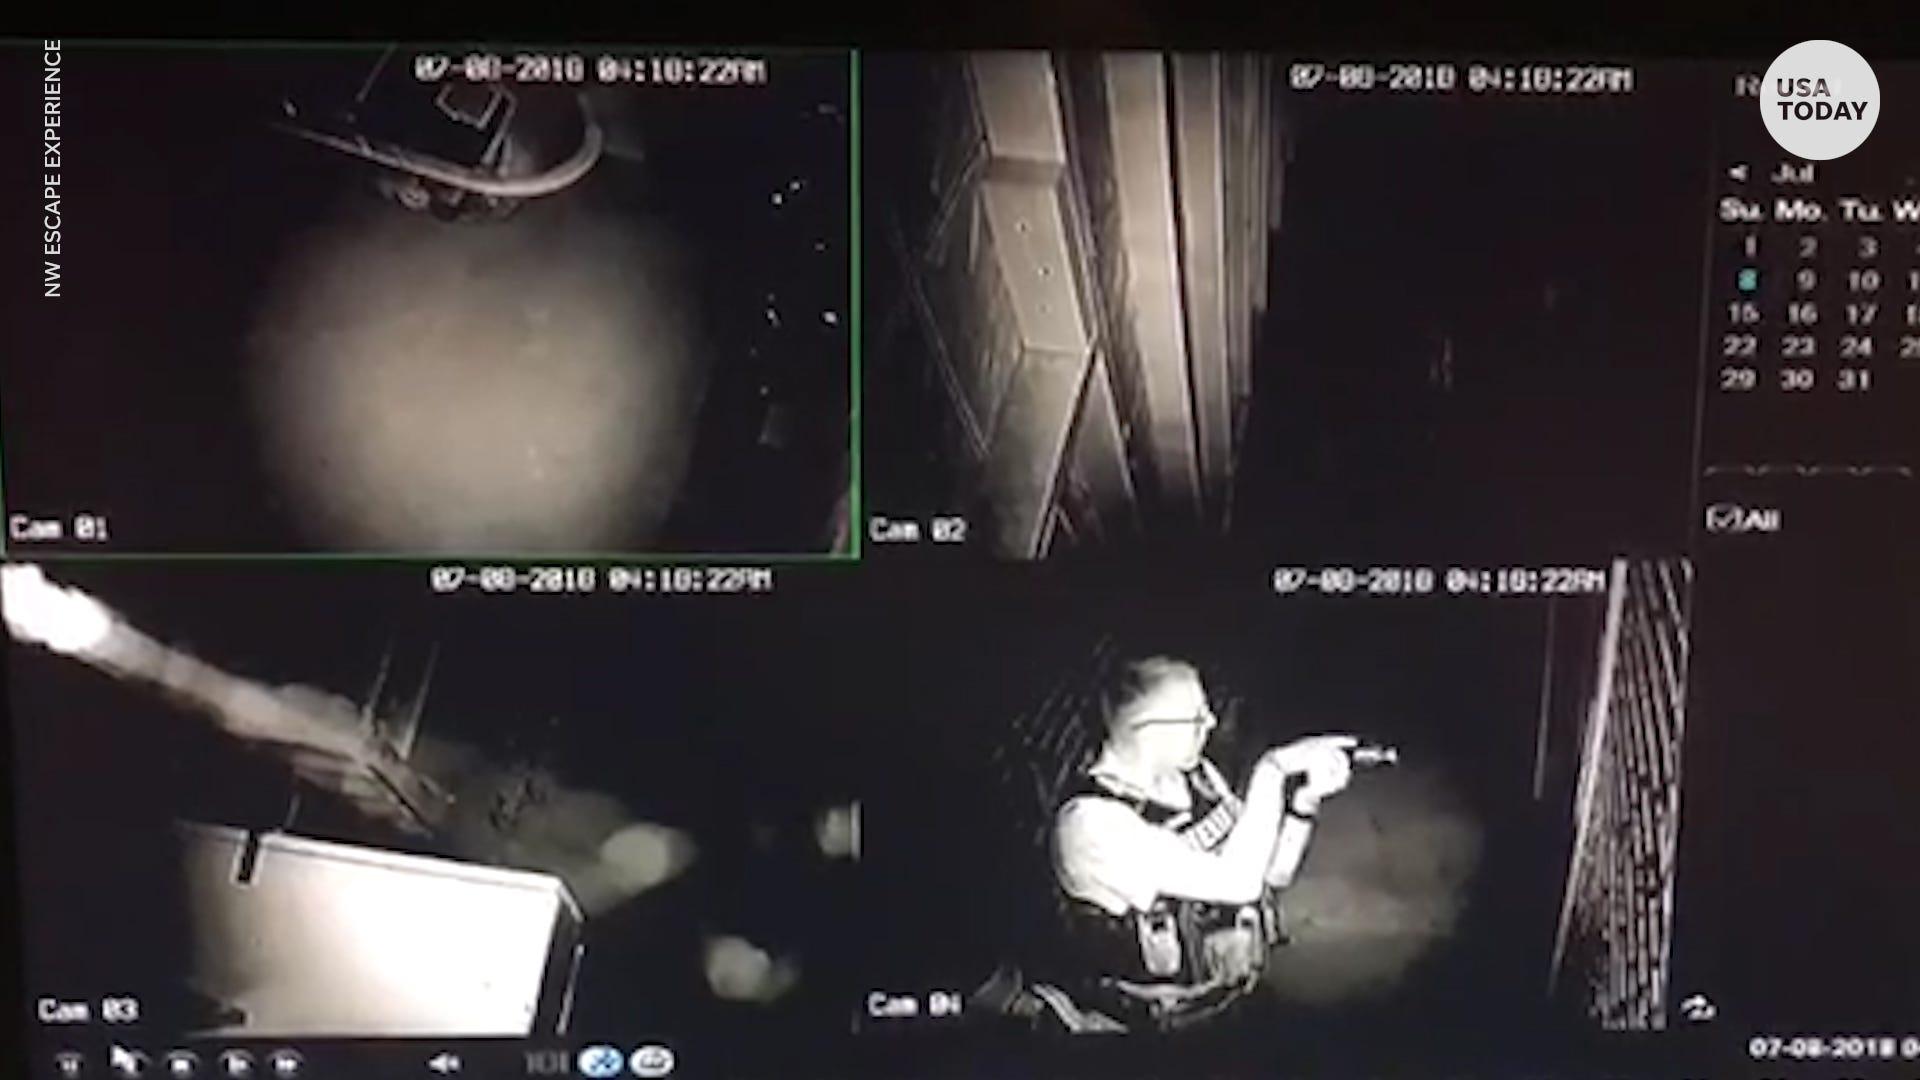 Burglar trapped in escape room, calls 911